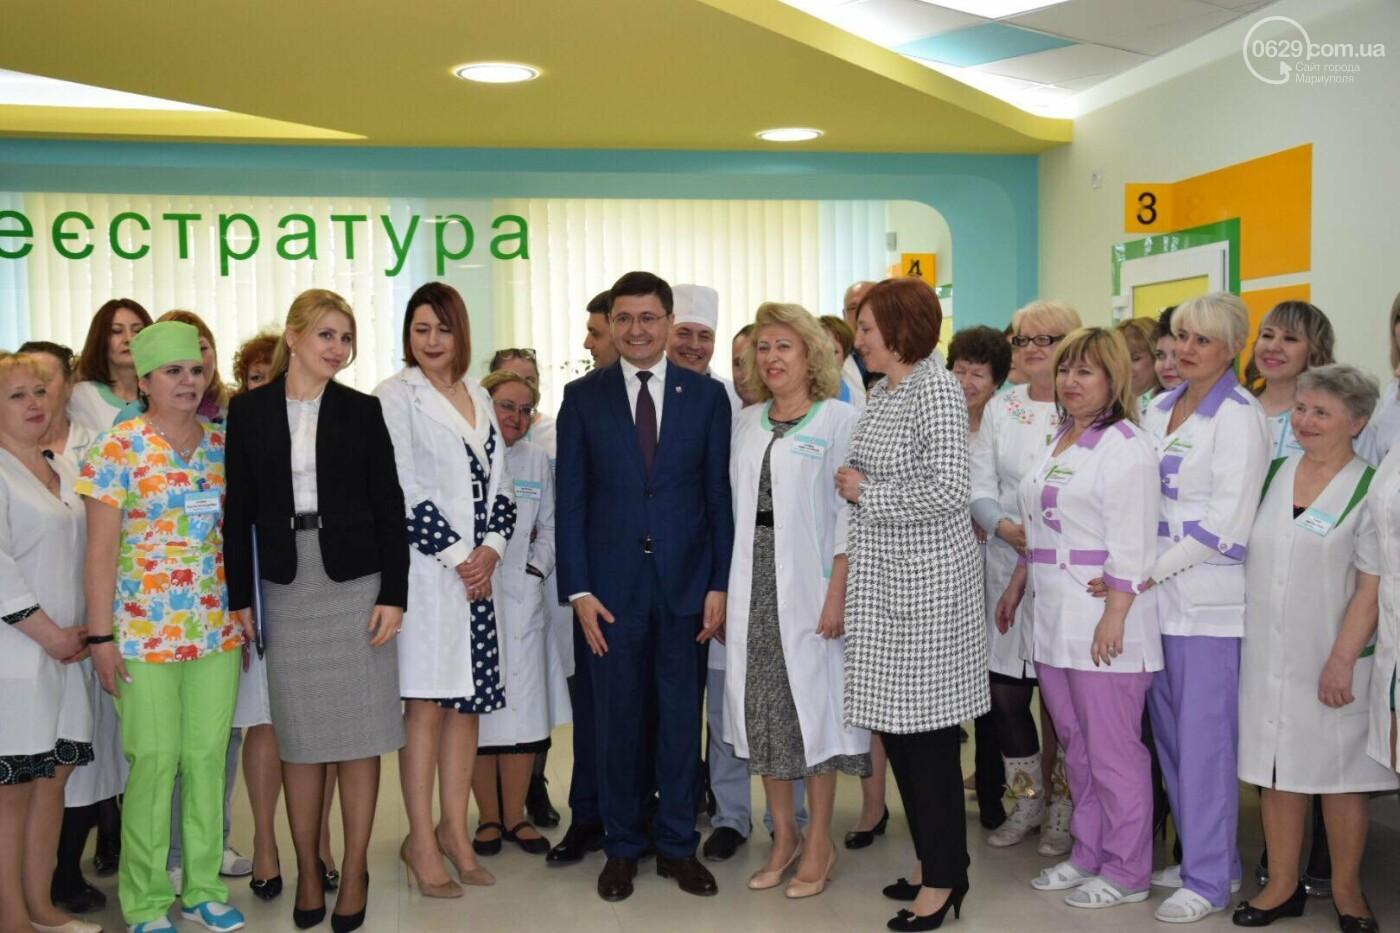 В Мариуполе Владимир Гройсман открыл детскую поликлинику и познакомился с Сережей, - ФОТОРЕПОРТАЖ, ВИДЕО, фото-44